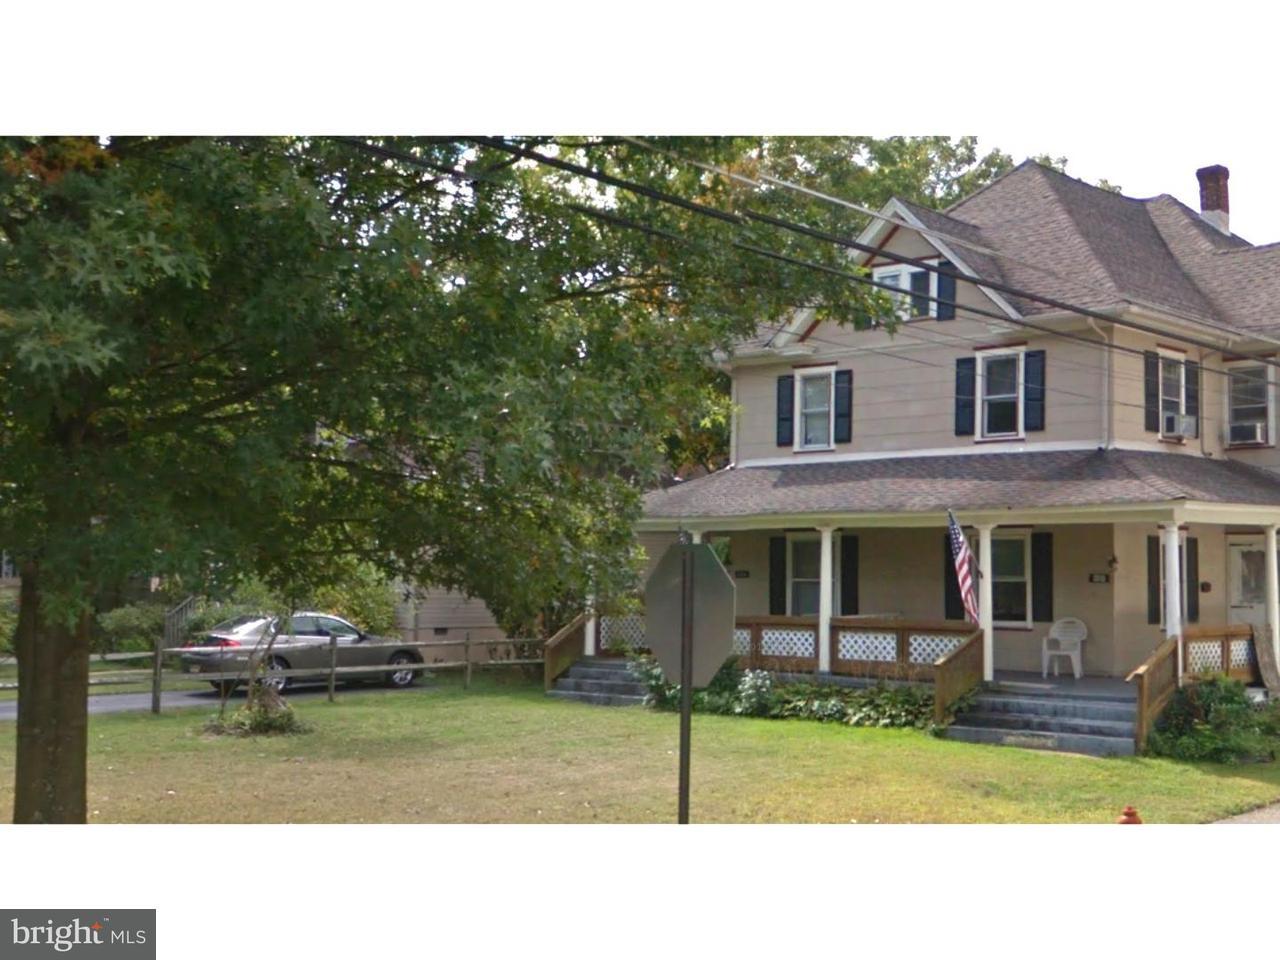 Casa unifamiliar adosada (Townhouse) por un Alquiler en 204 CEDAR Avenue Pitman, Nueva Jersey 08071 Estados Unidos